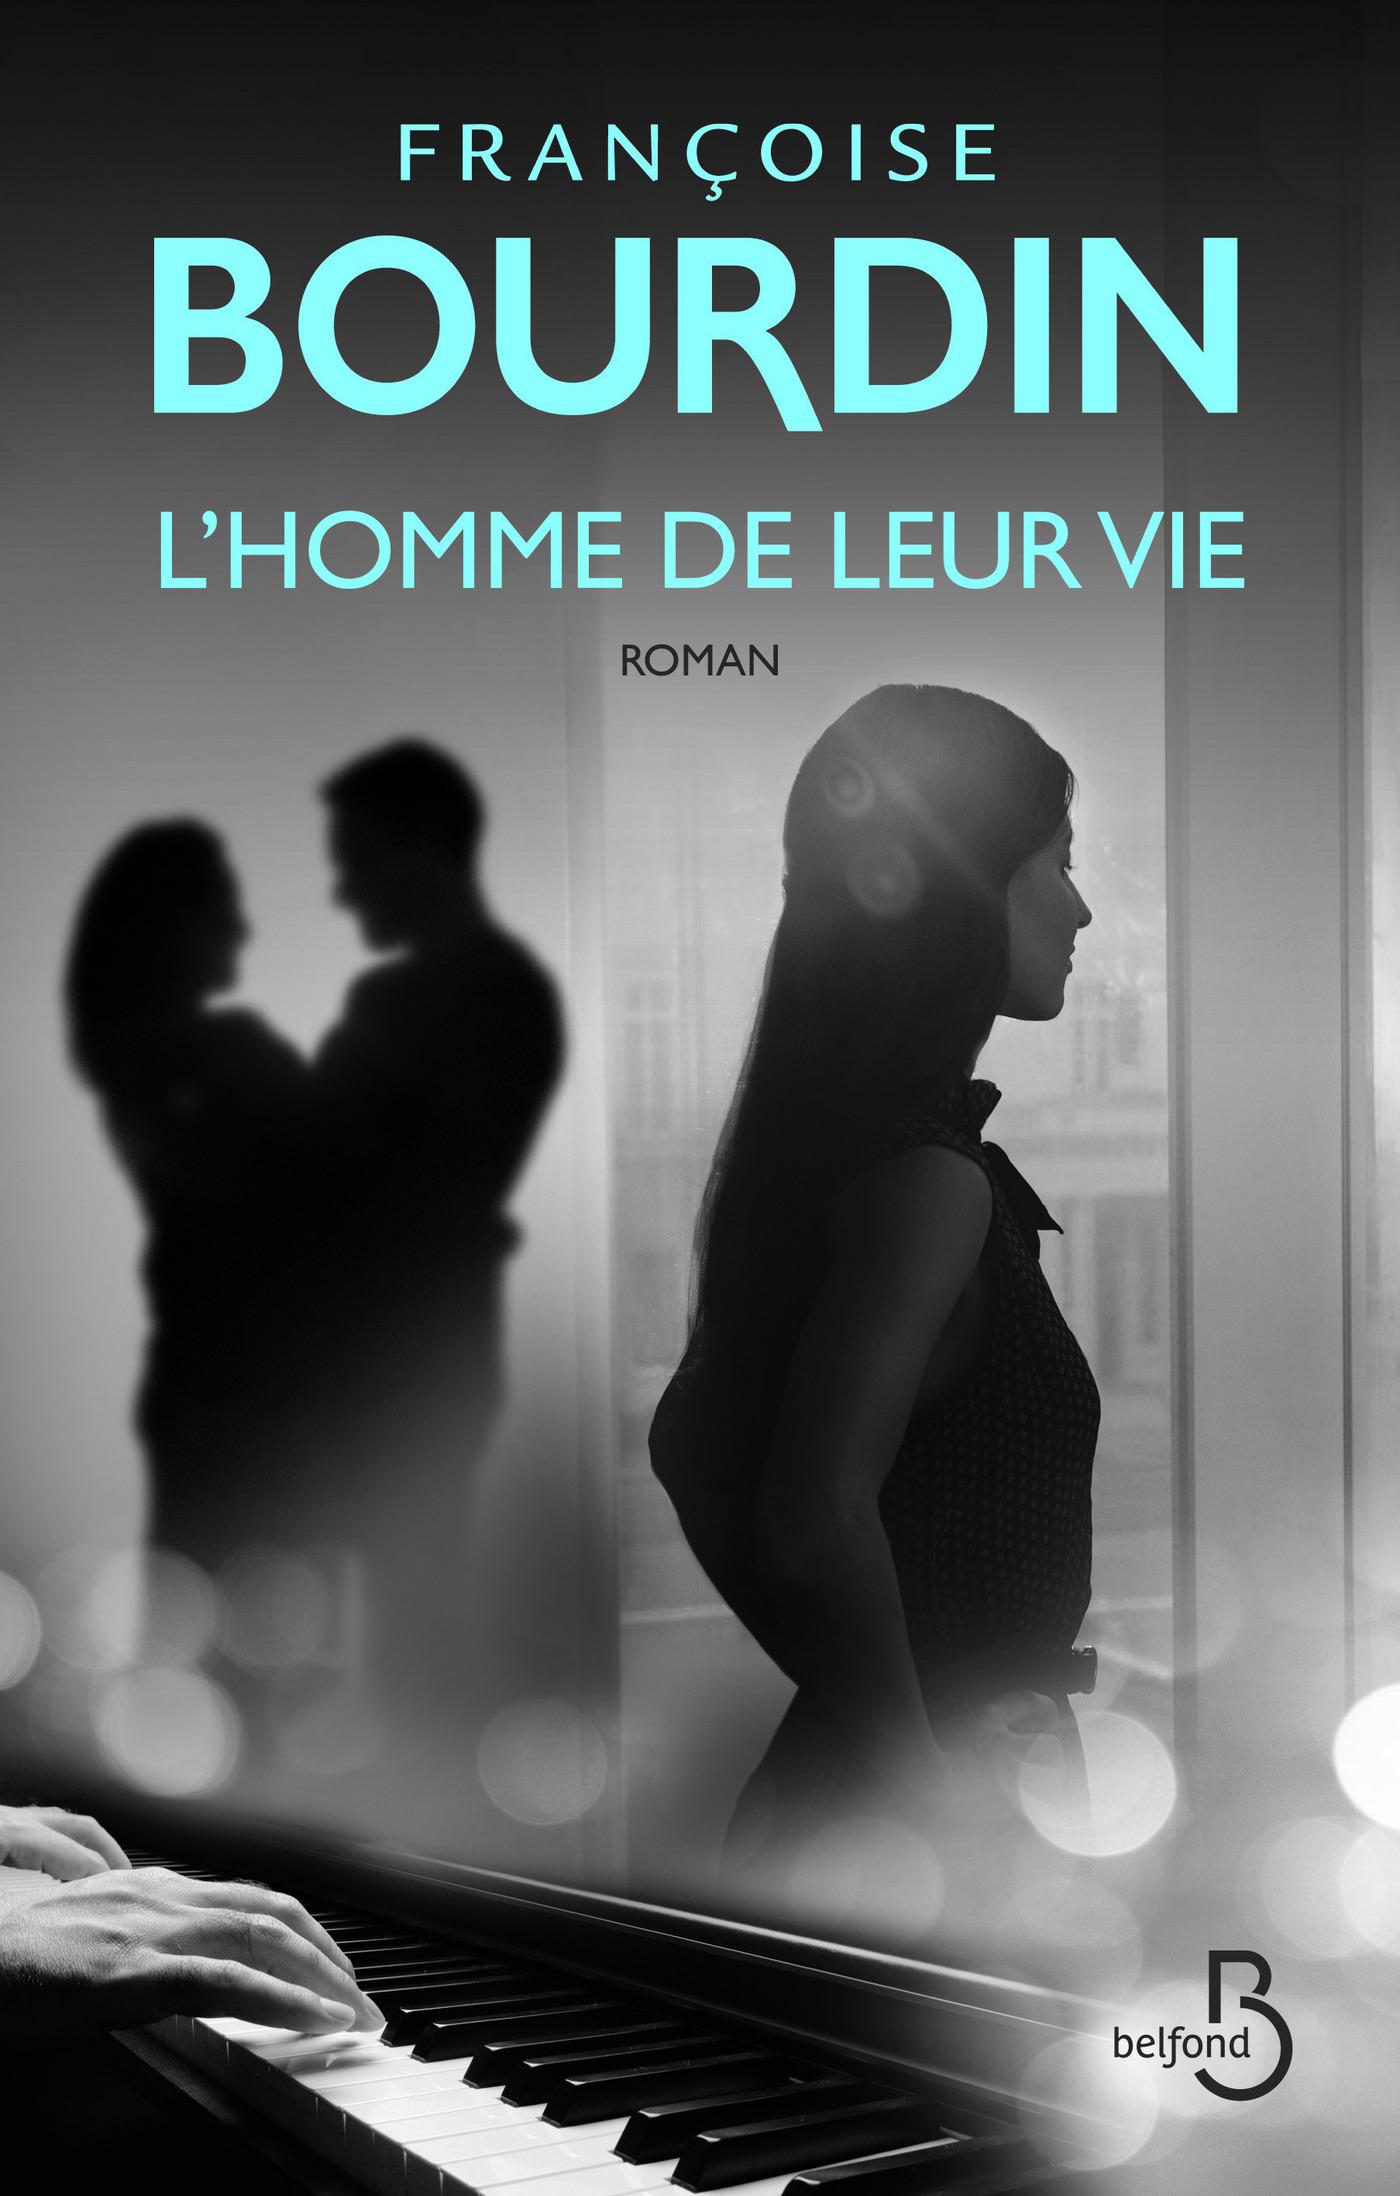 L'homme de leur vie | BOURDIN, Françoise